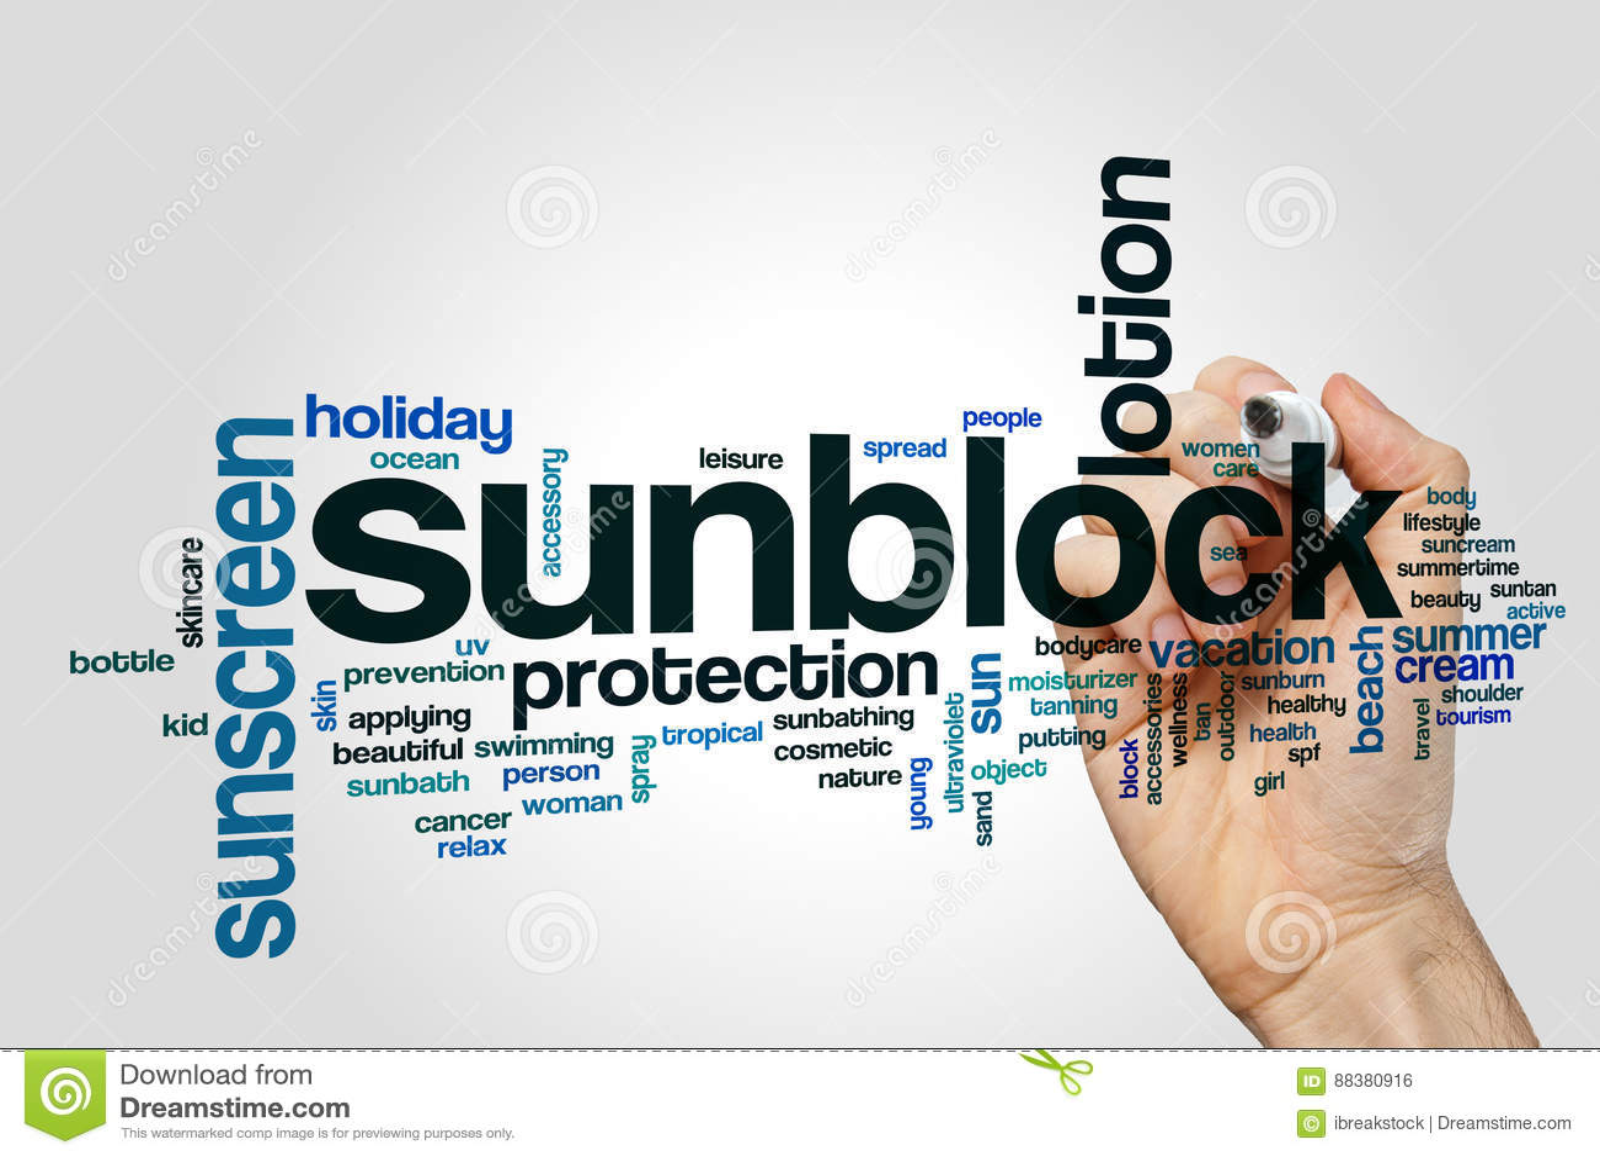 Sunblock word cloud